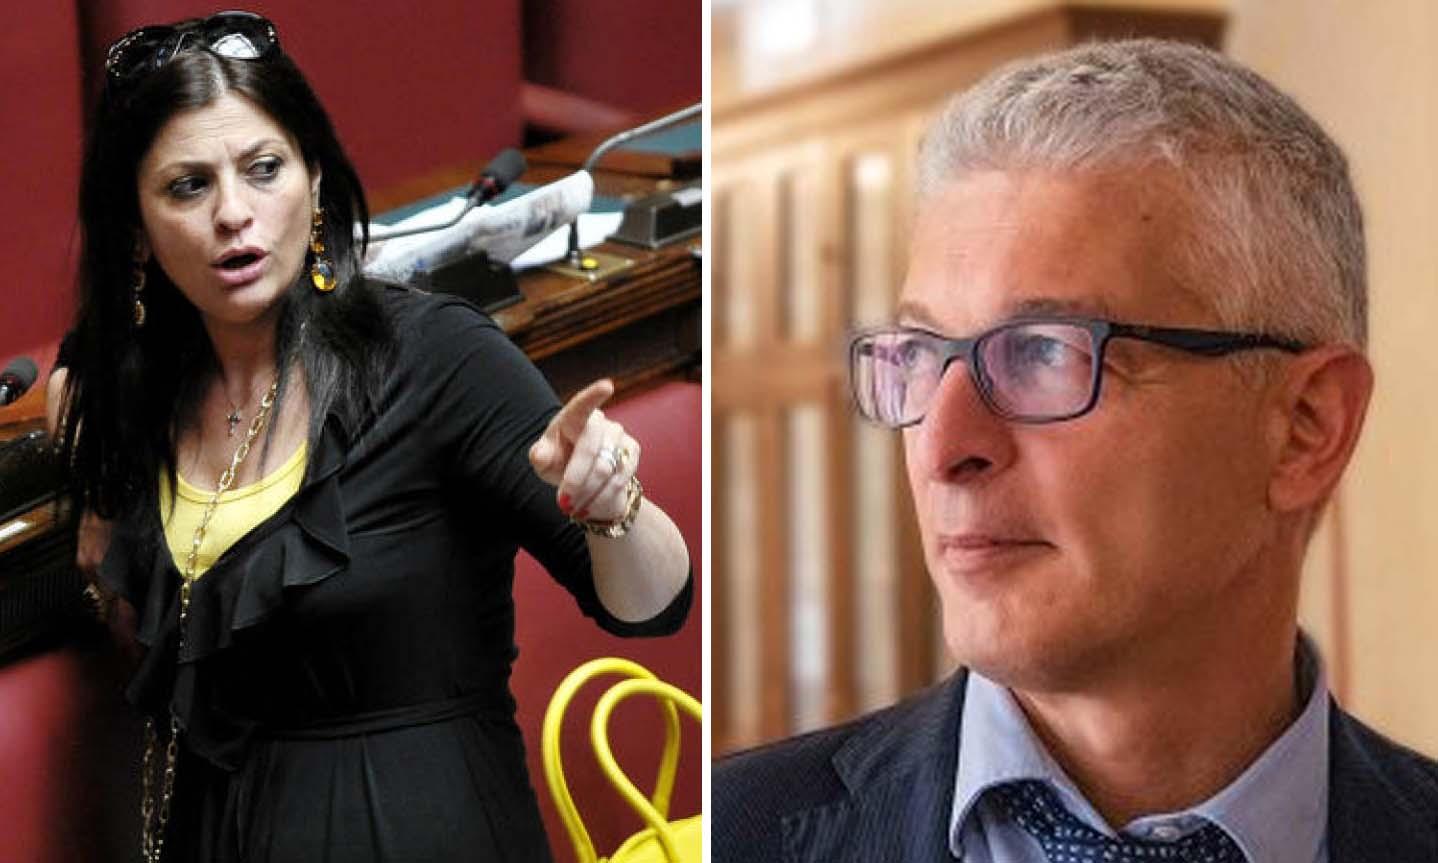 Scontro ai vertici della Commissione antimafia, Santelli querela Morra